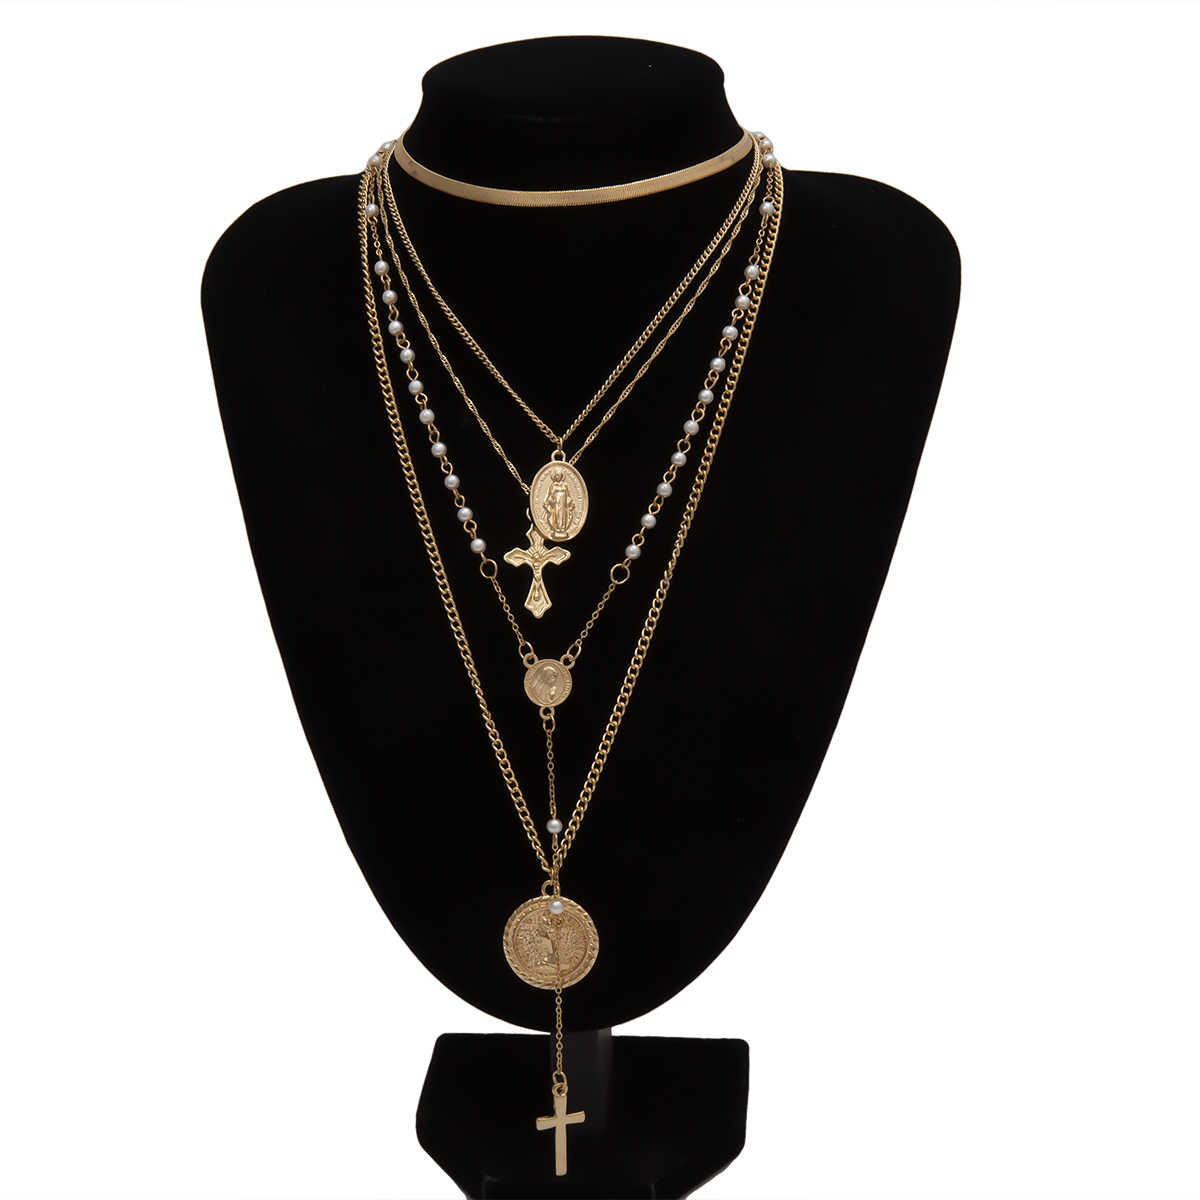 多層彫コインチョーカーネックレスペンダントヴィンテージクロス聖母マリア模造真珠ヘビのチェーンネックレスジュエリー